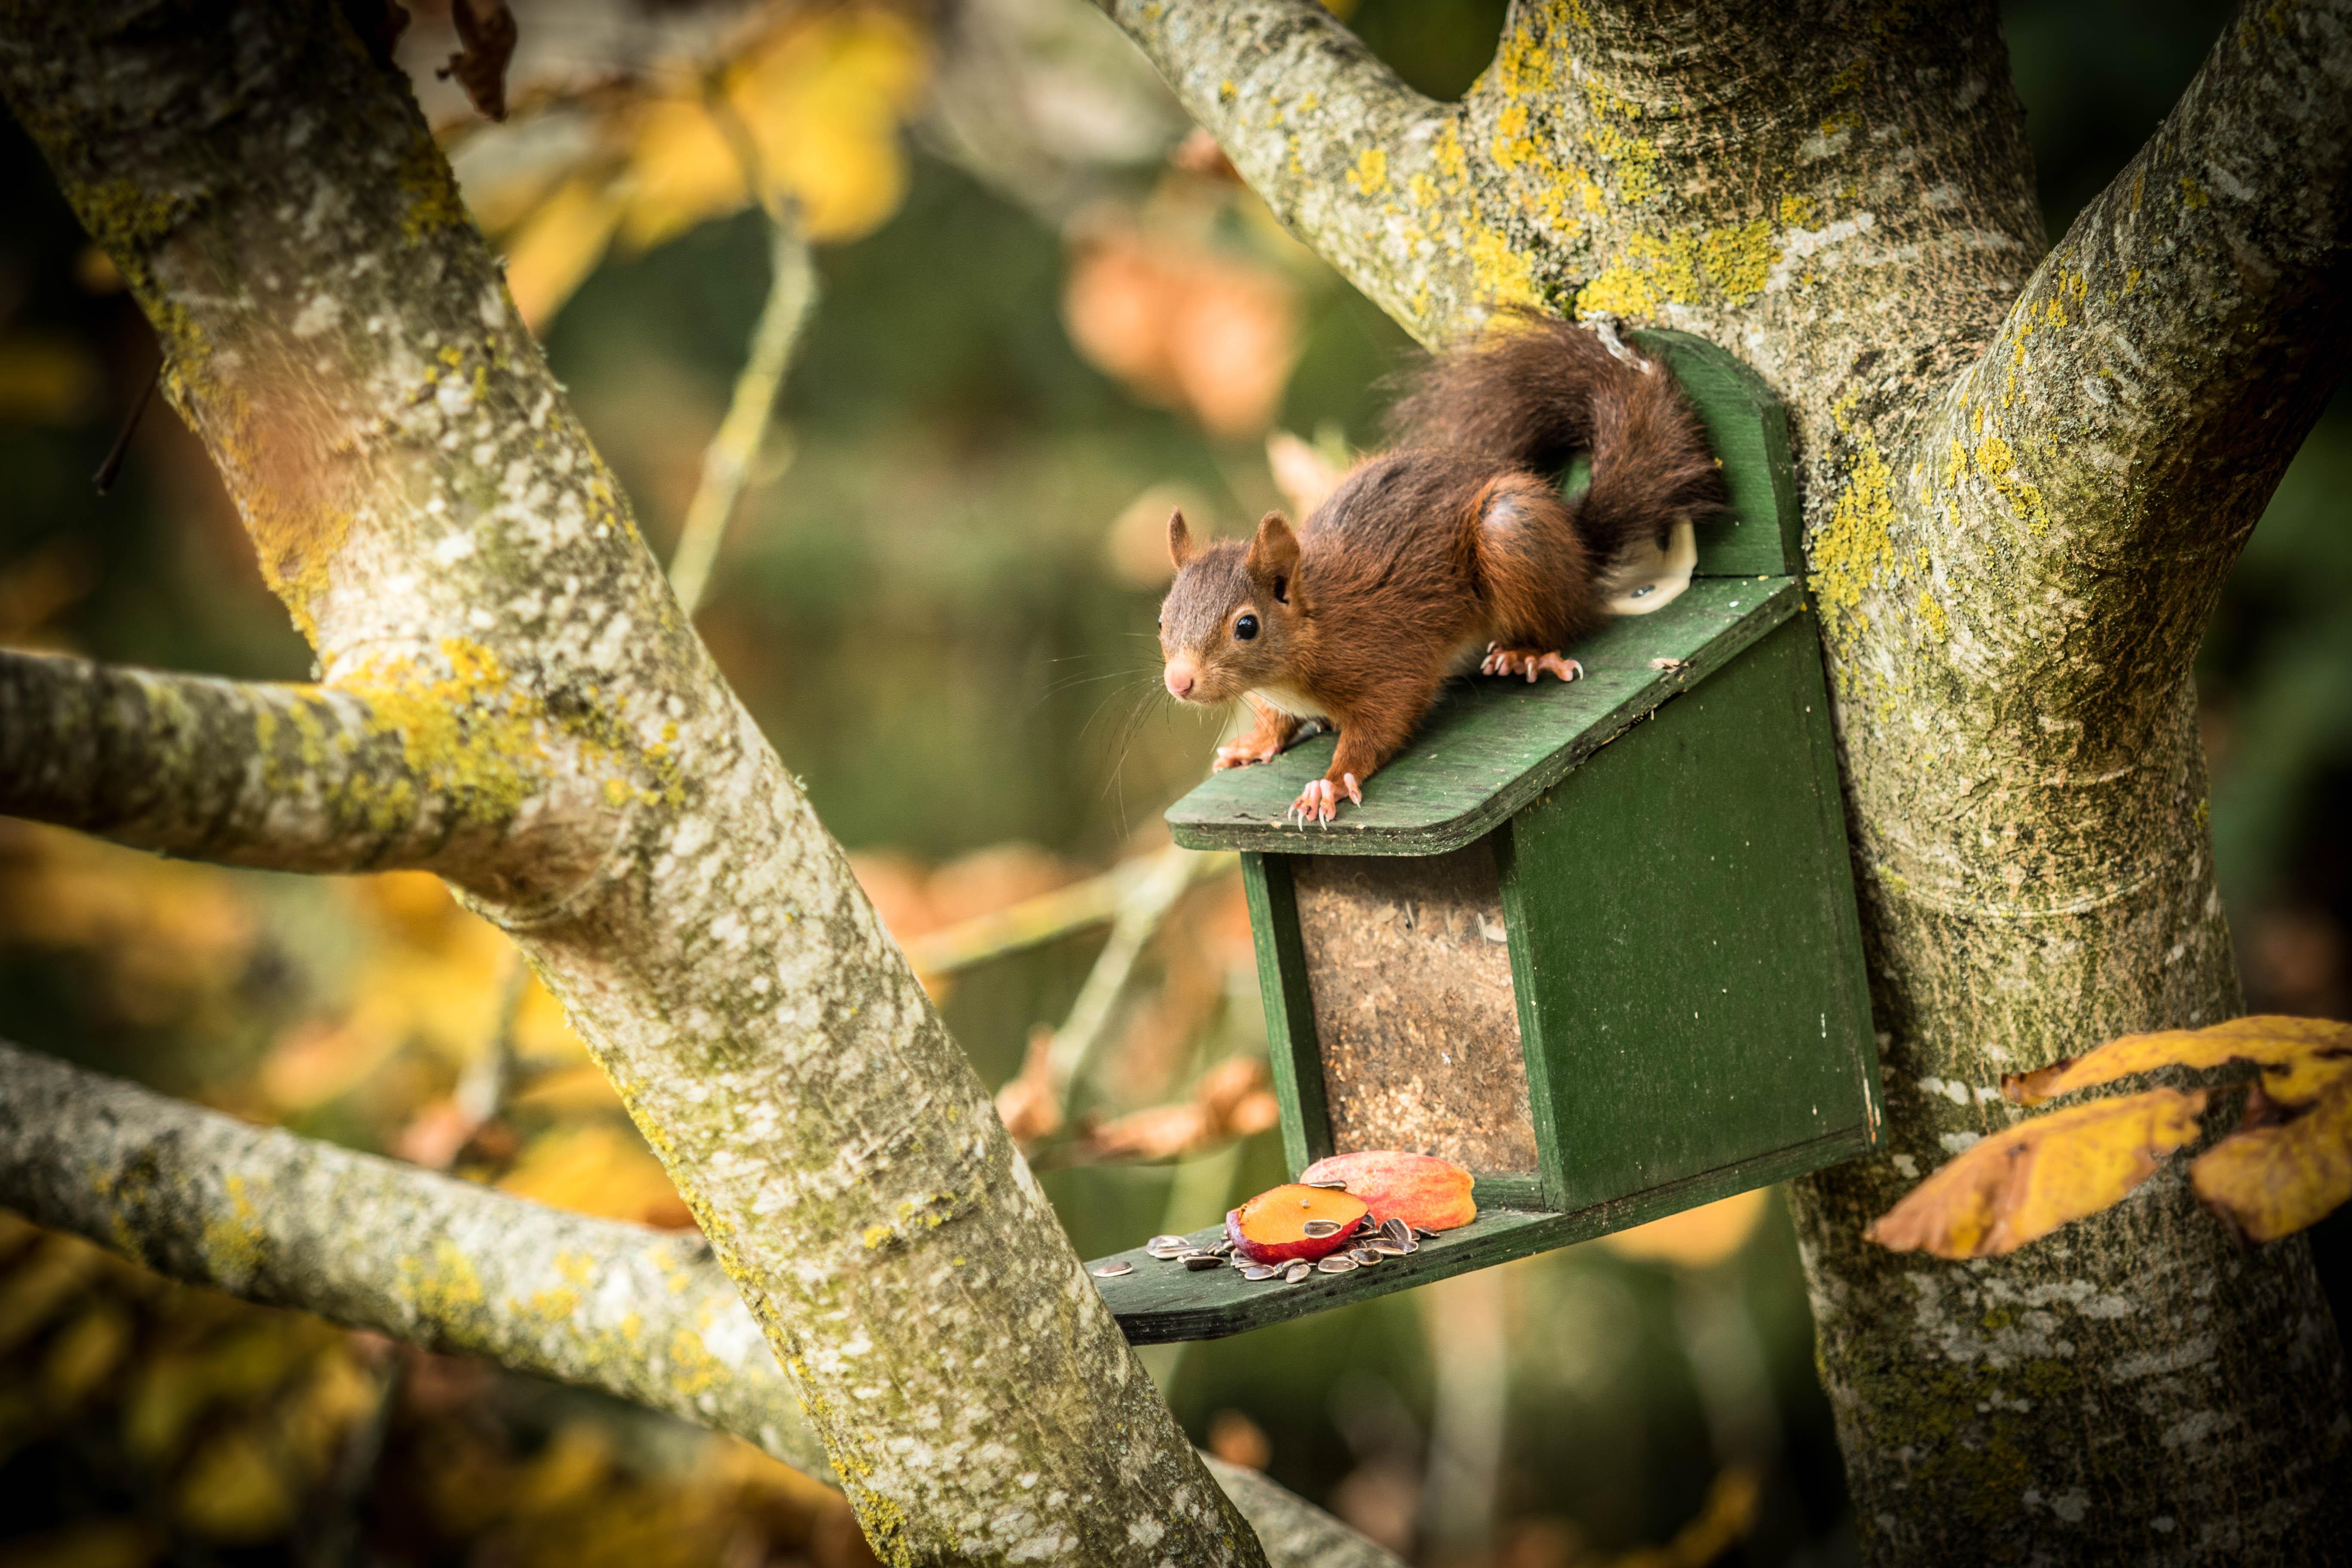 Ecureuil cherche à manger